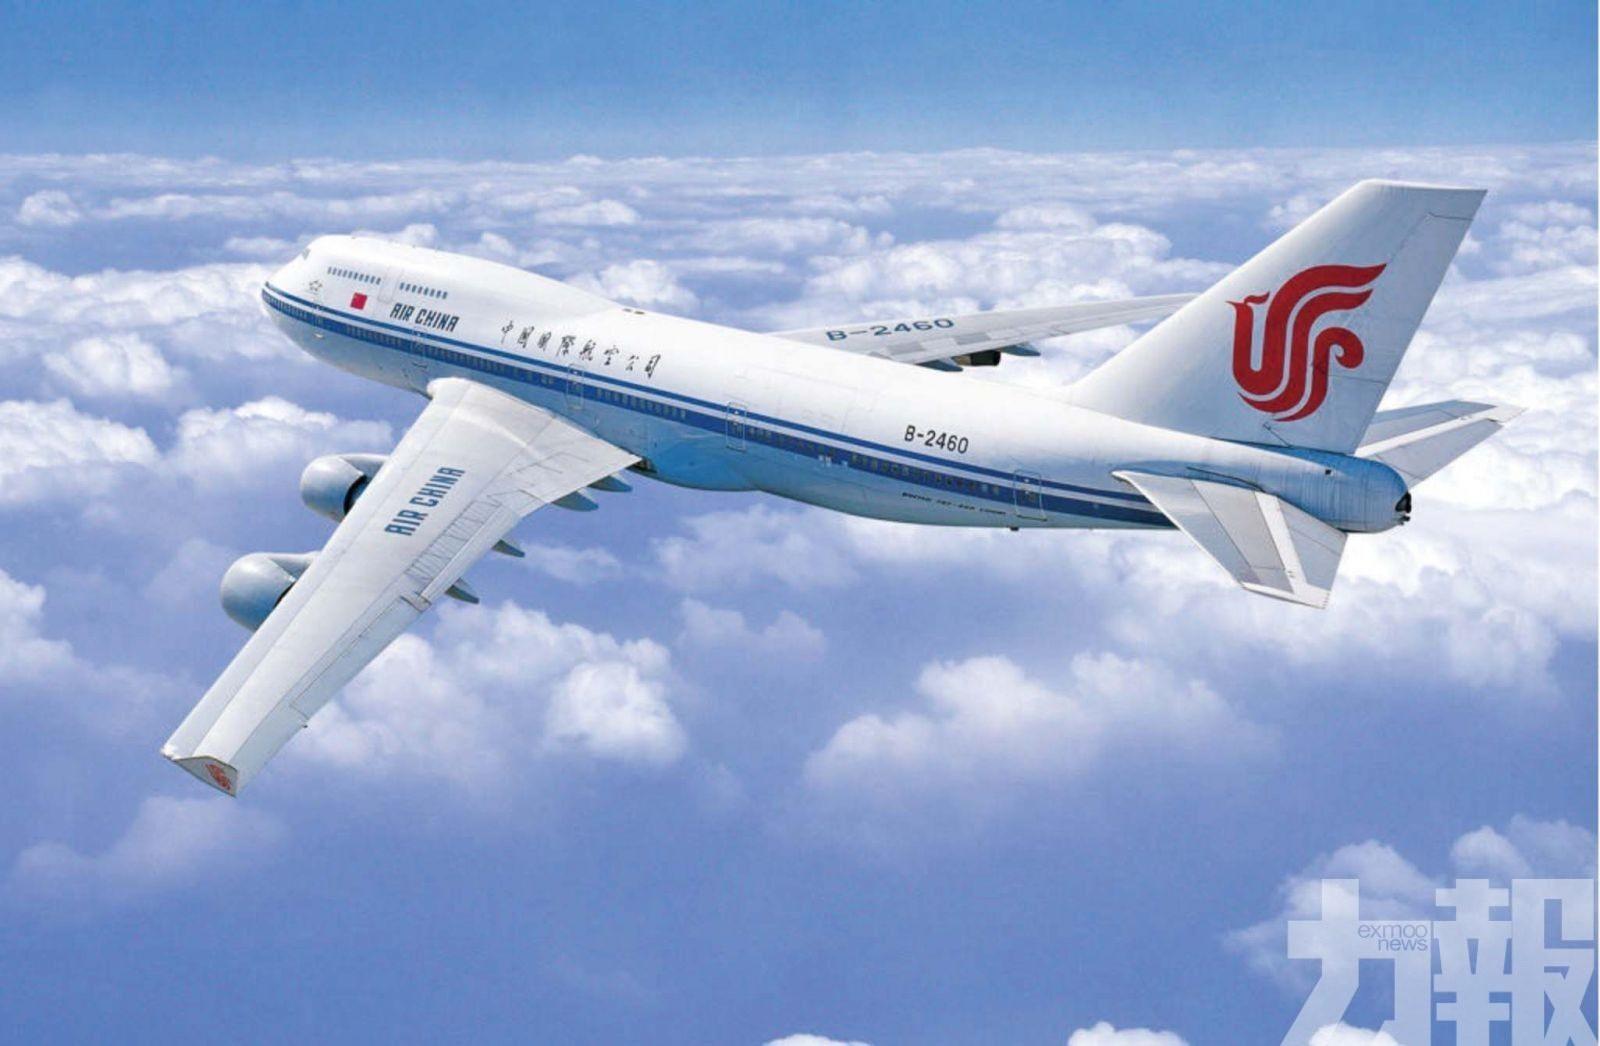 美將四班往返中美航班載客量減至40%